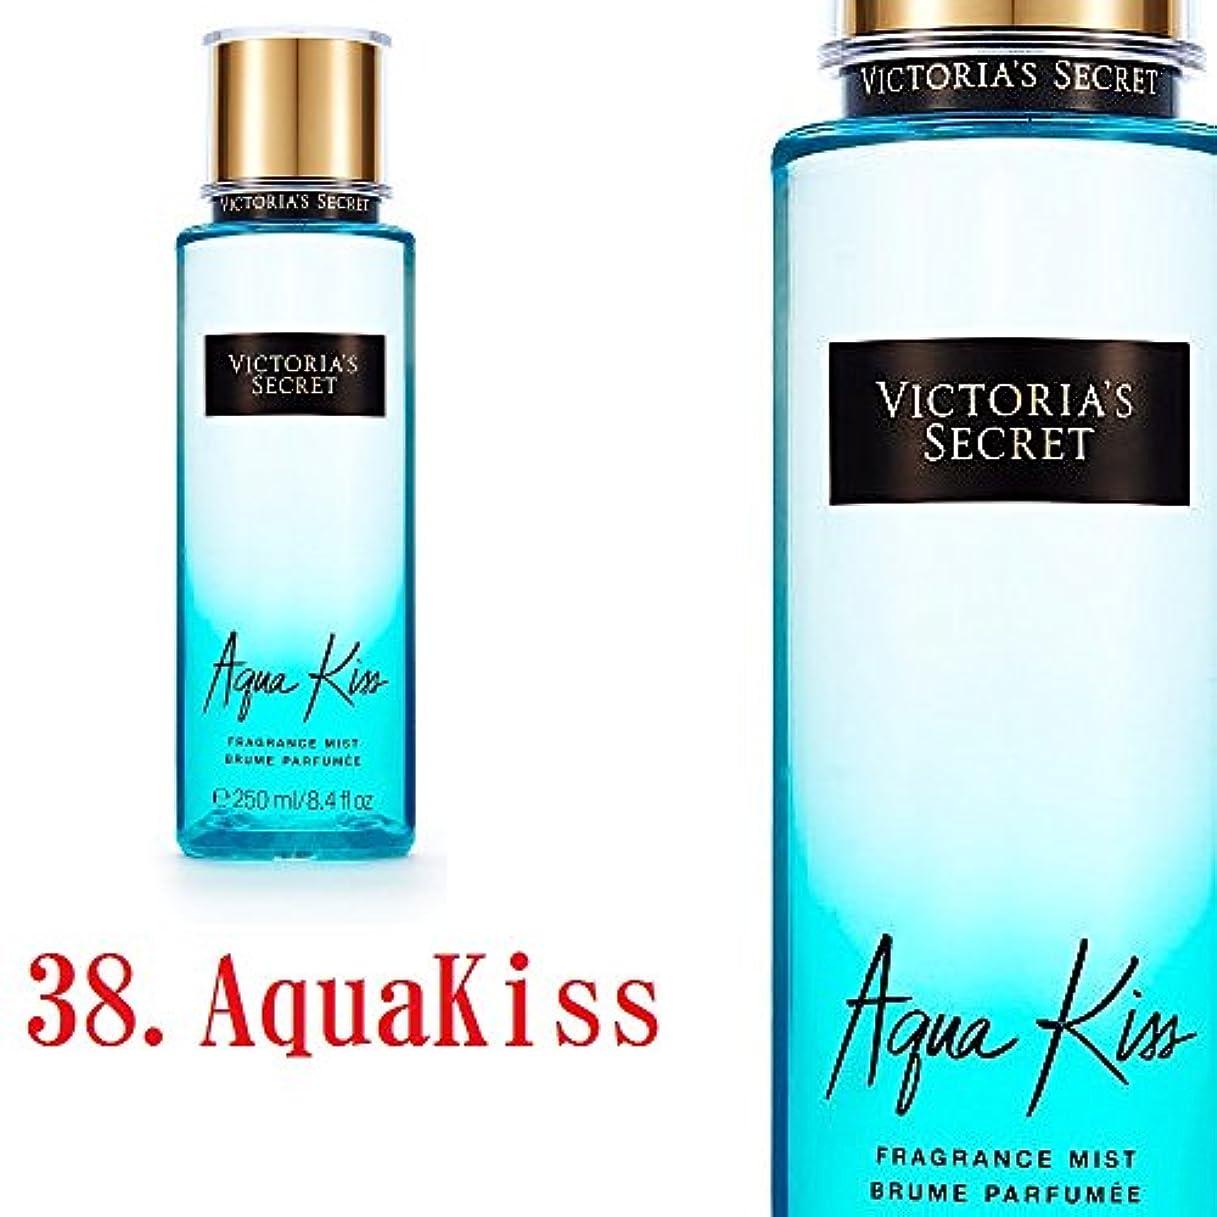 本質的に絶滅した格差Victoria's Secret Fantasies フレグランスミスト ヴィクトリアシークレット (38.アクアキス) [並行輸入品]